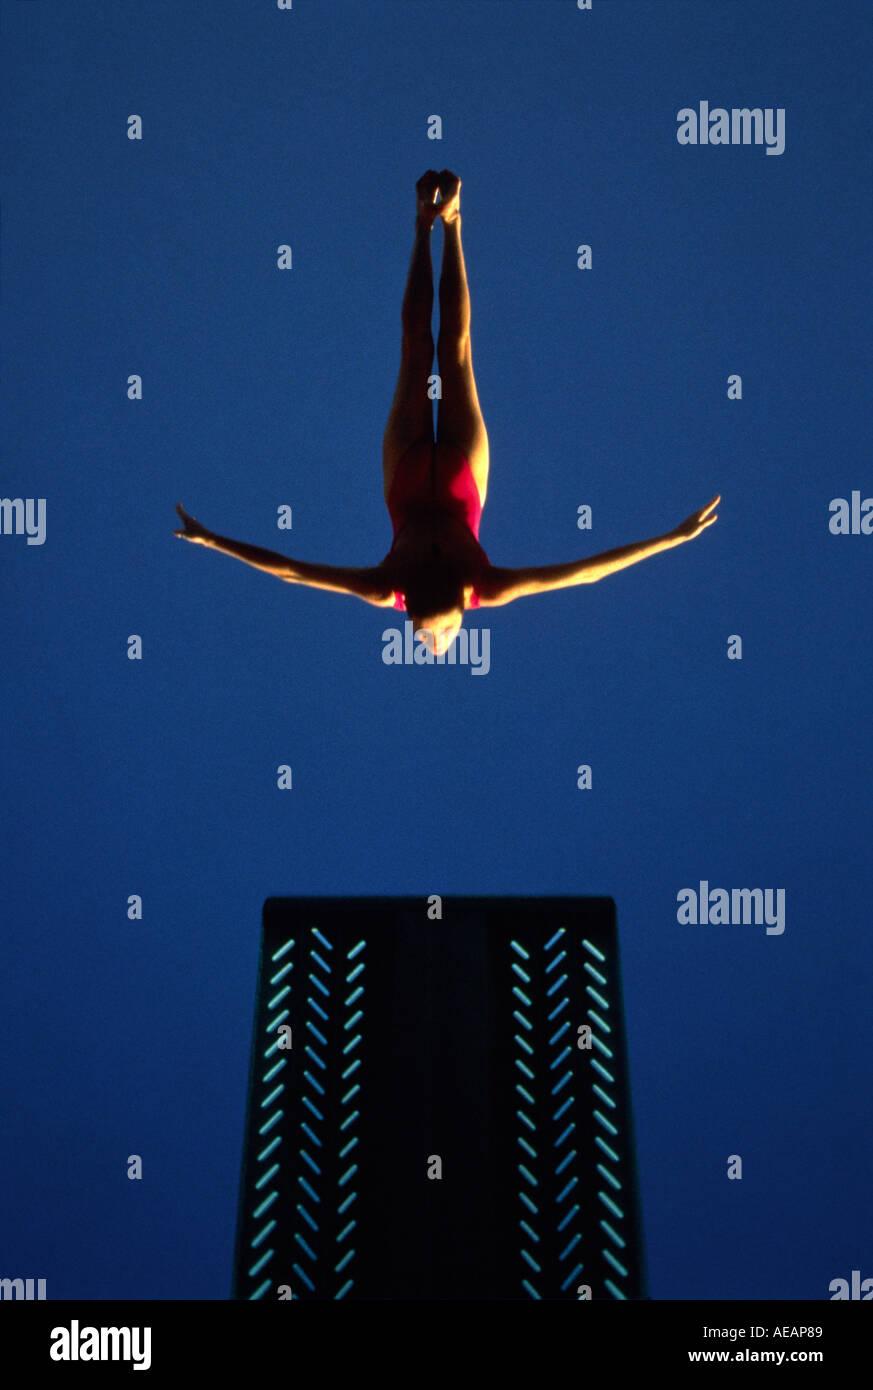 Eine Grafik Fotografie eines nationalen Champion Tauchers einen Kopfsprung machen Stockbild